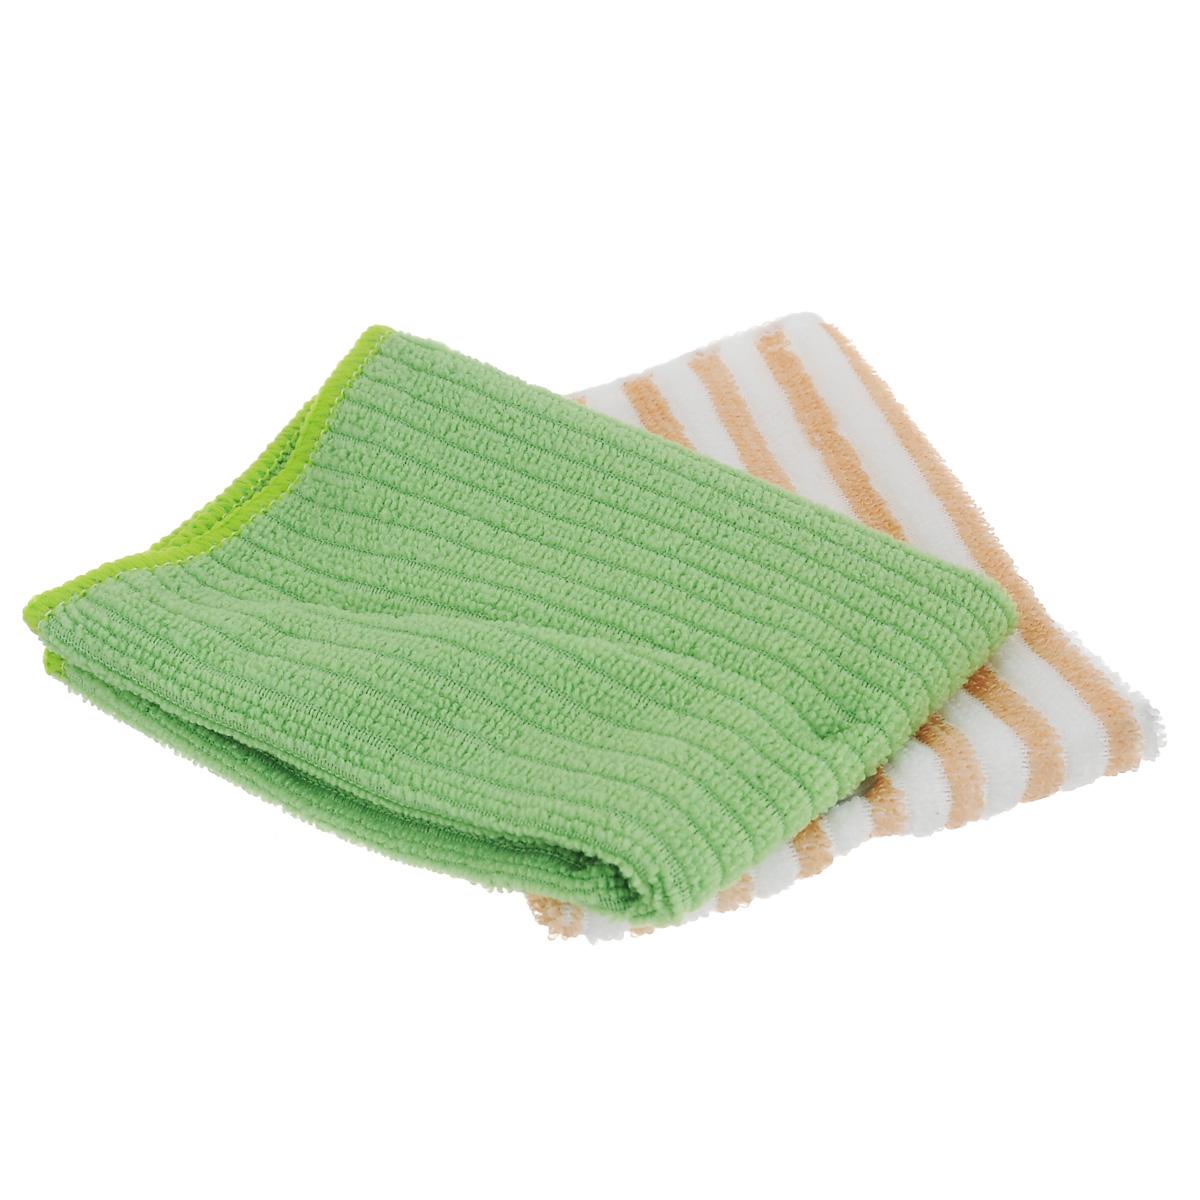 Салфетка из микрофибры Home Queen, цвет: зеленый, белый, 30 х 30 см, 2 шт57048Салфетка Home Queen, изготовленная из полиэстера, предназначена для очищения загрязнений на любых поверхностях. Изделие обладает высокой износоустойчивостью и рассчитано на многократное использование, легко моется в теплой воде с мягкими чистящими средствами. Супервпитывающая салфетка не оставляет разводов и ворсинок, удаляет большинство жирных и маслянистых загрязнений без использования химических средств. Размер салфетки: 30 см х 30 см. Комплектация: 2 шт.